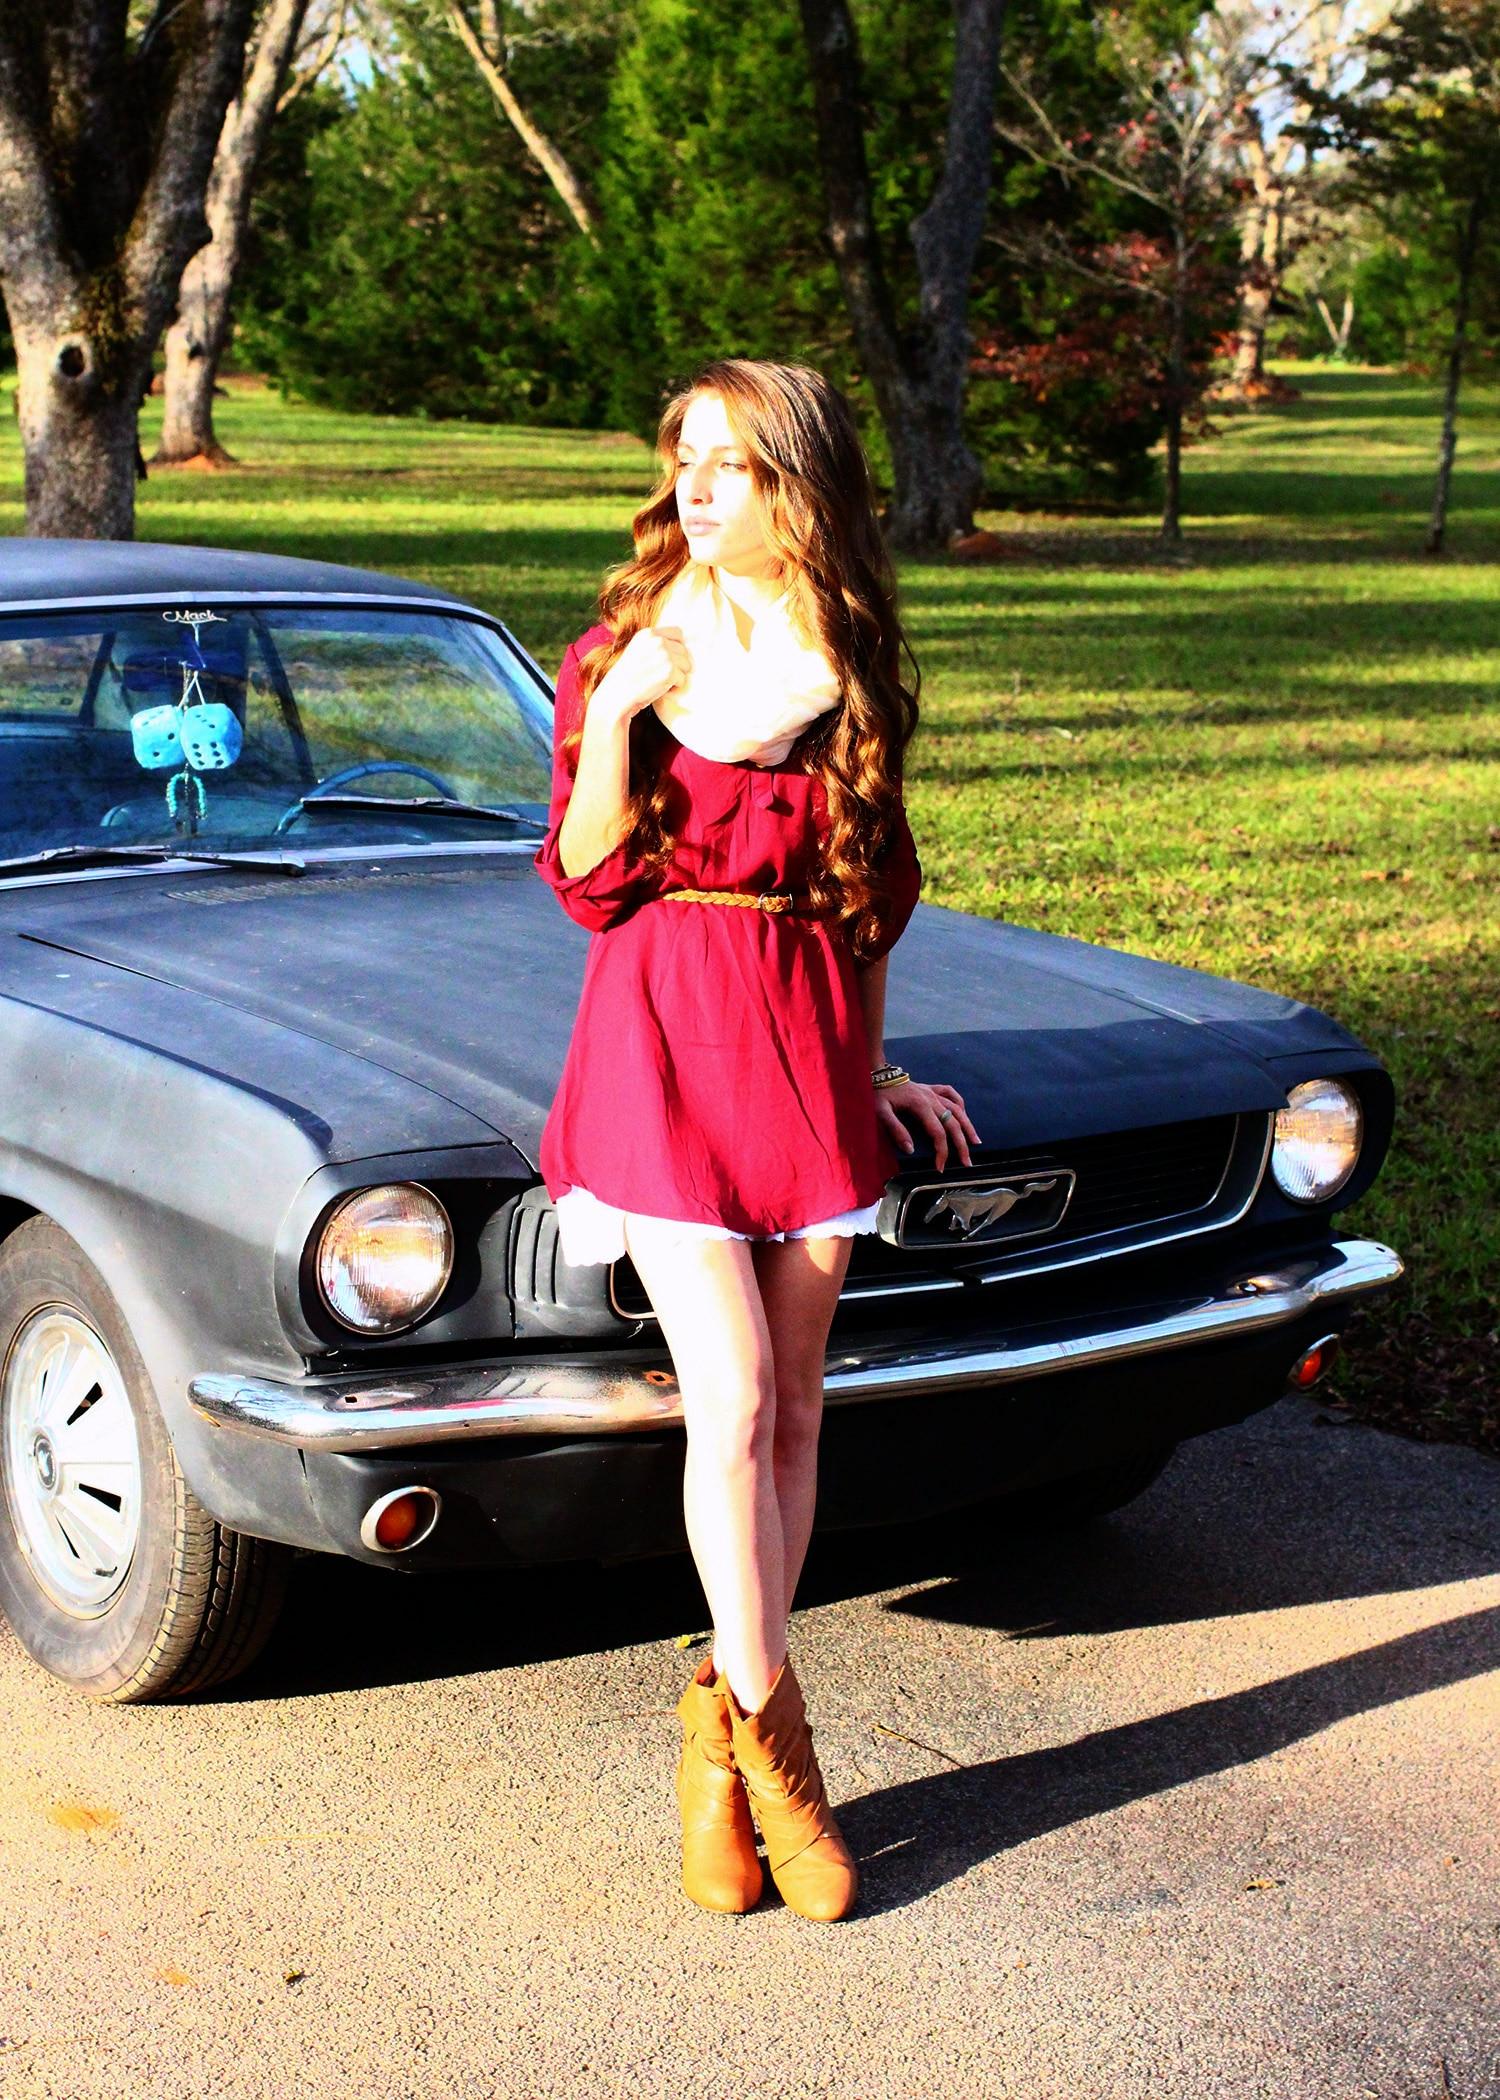 1966 Ford Mustang Melissa Wyatt Mustang Girl Monday 05